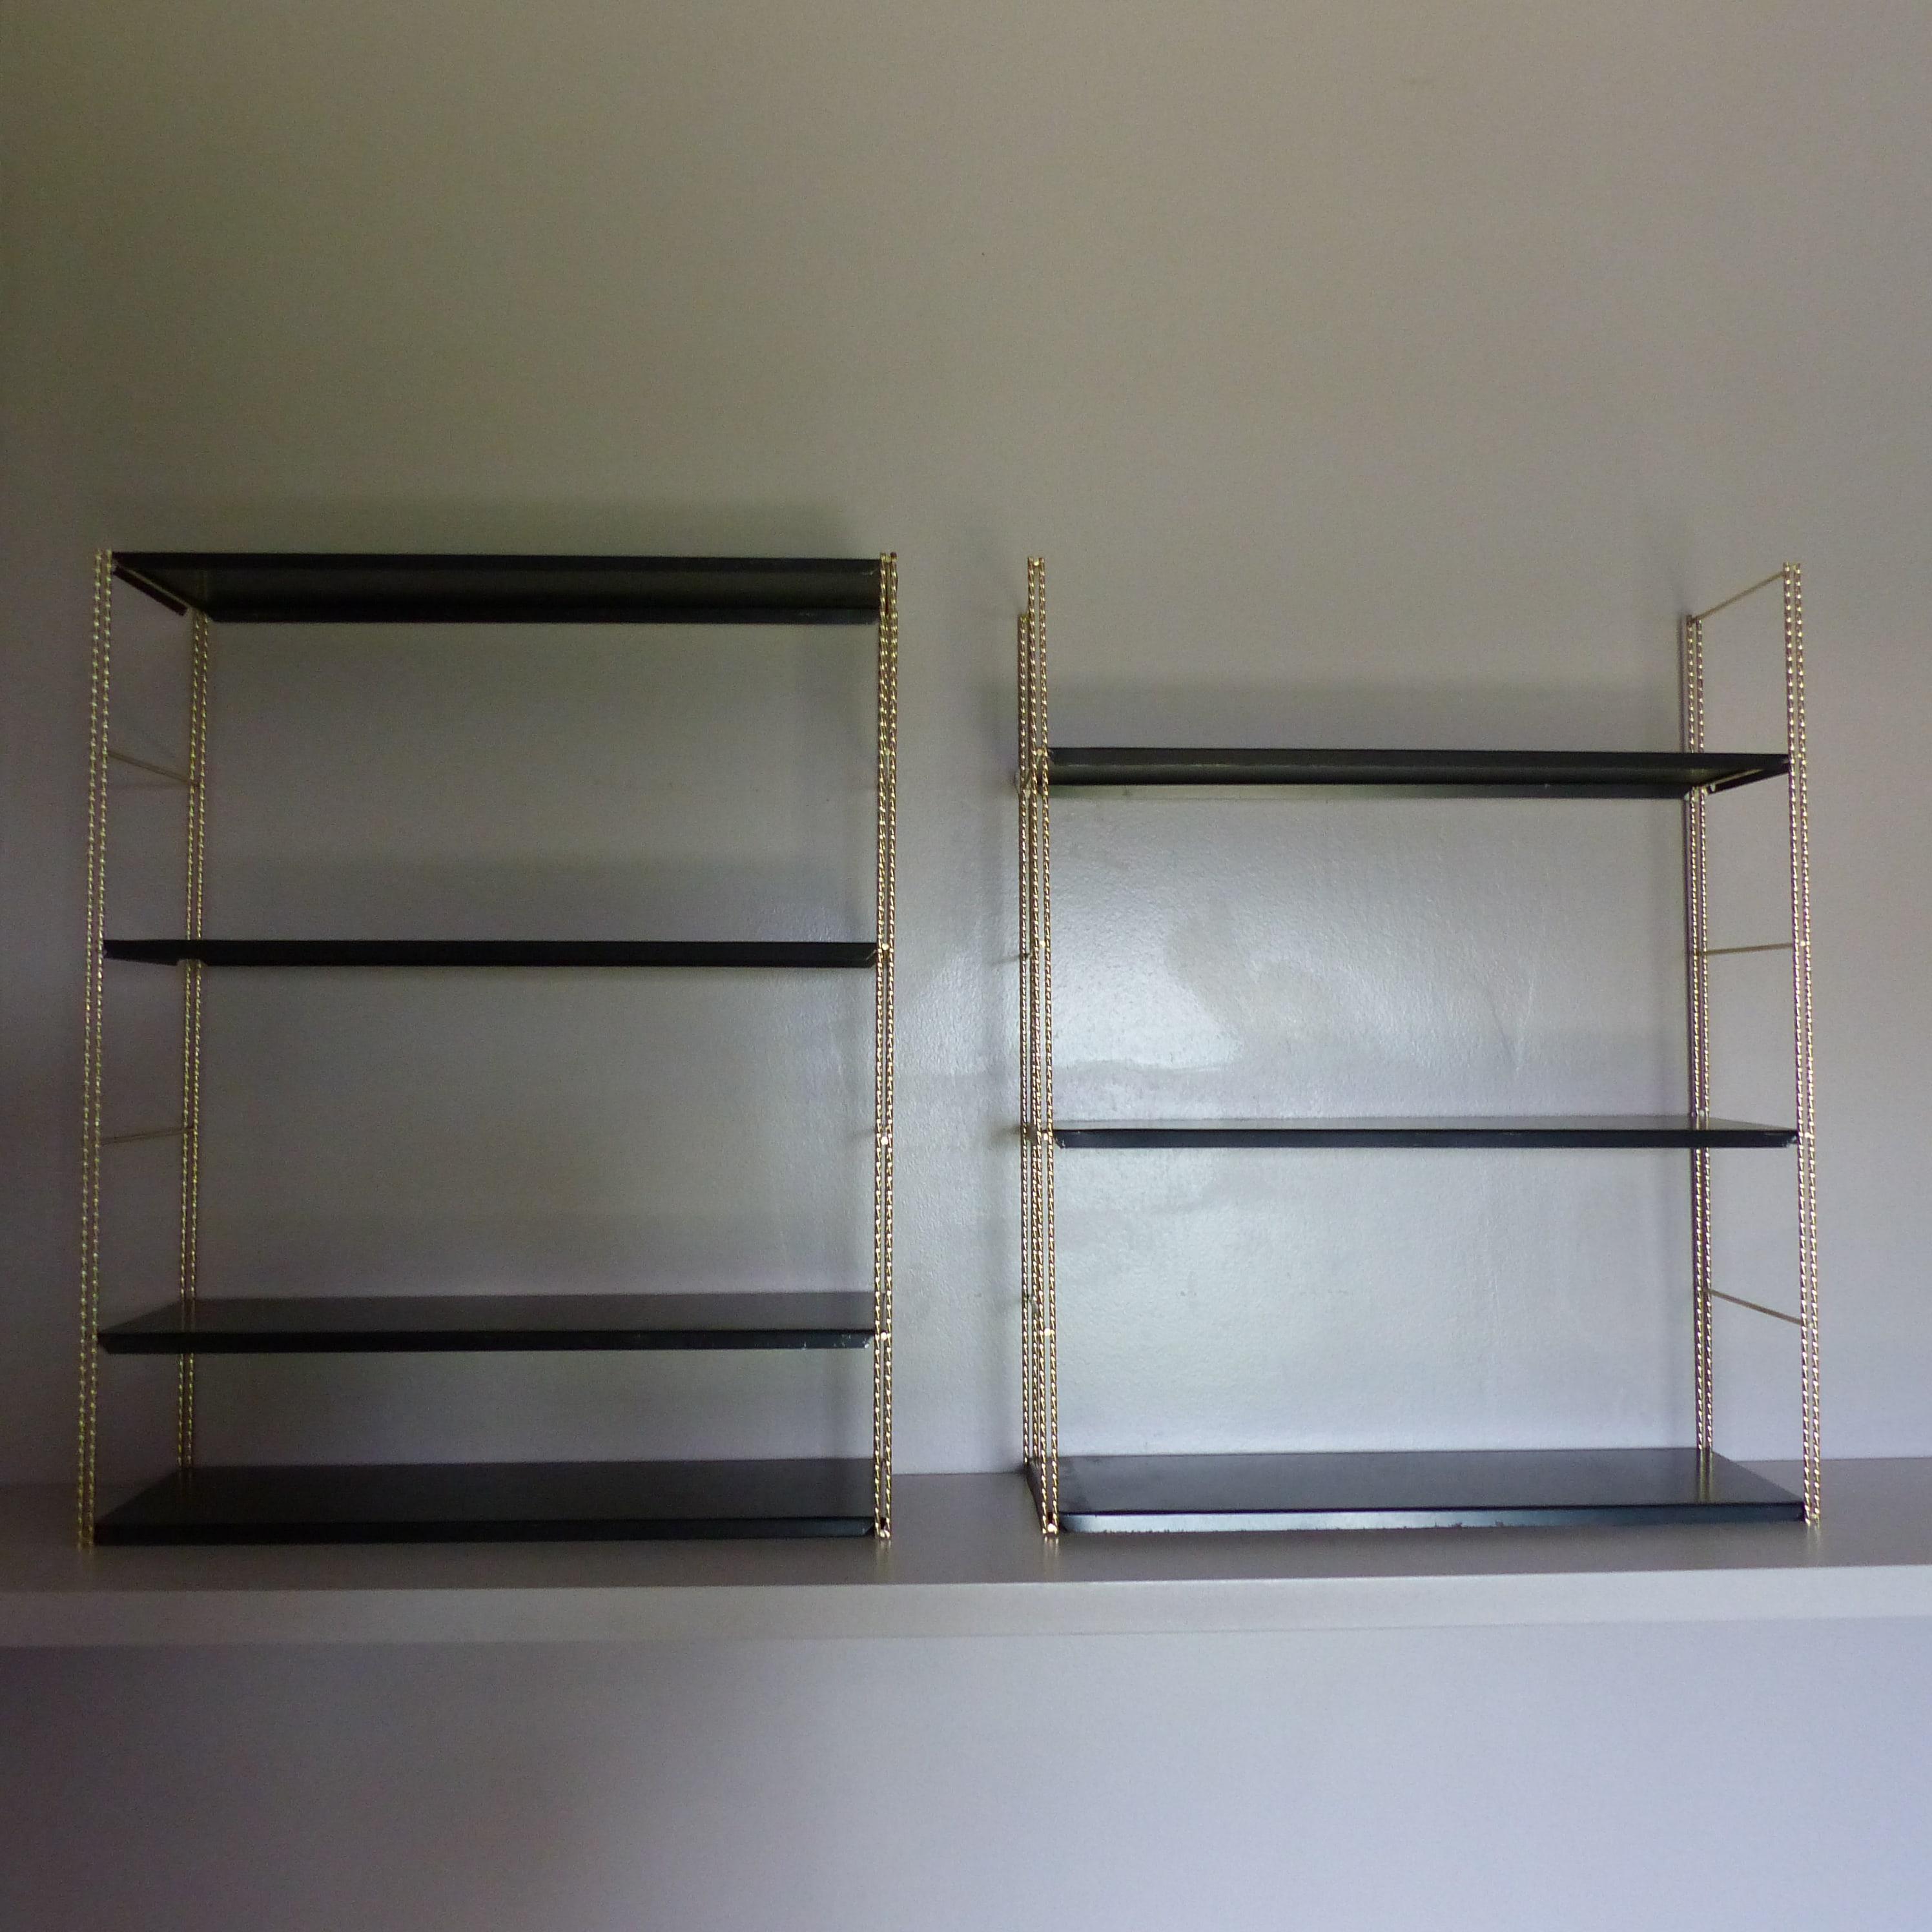 etag res string en m tal torsad dor et tablettes noires lignedebrocante brocante en ligne. Black Bedroom Furniture Sets. Home Design Ideas